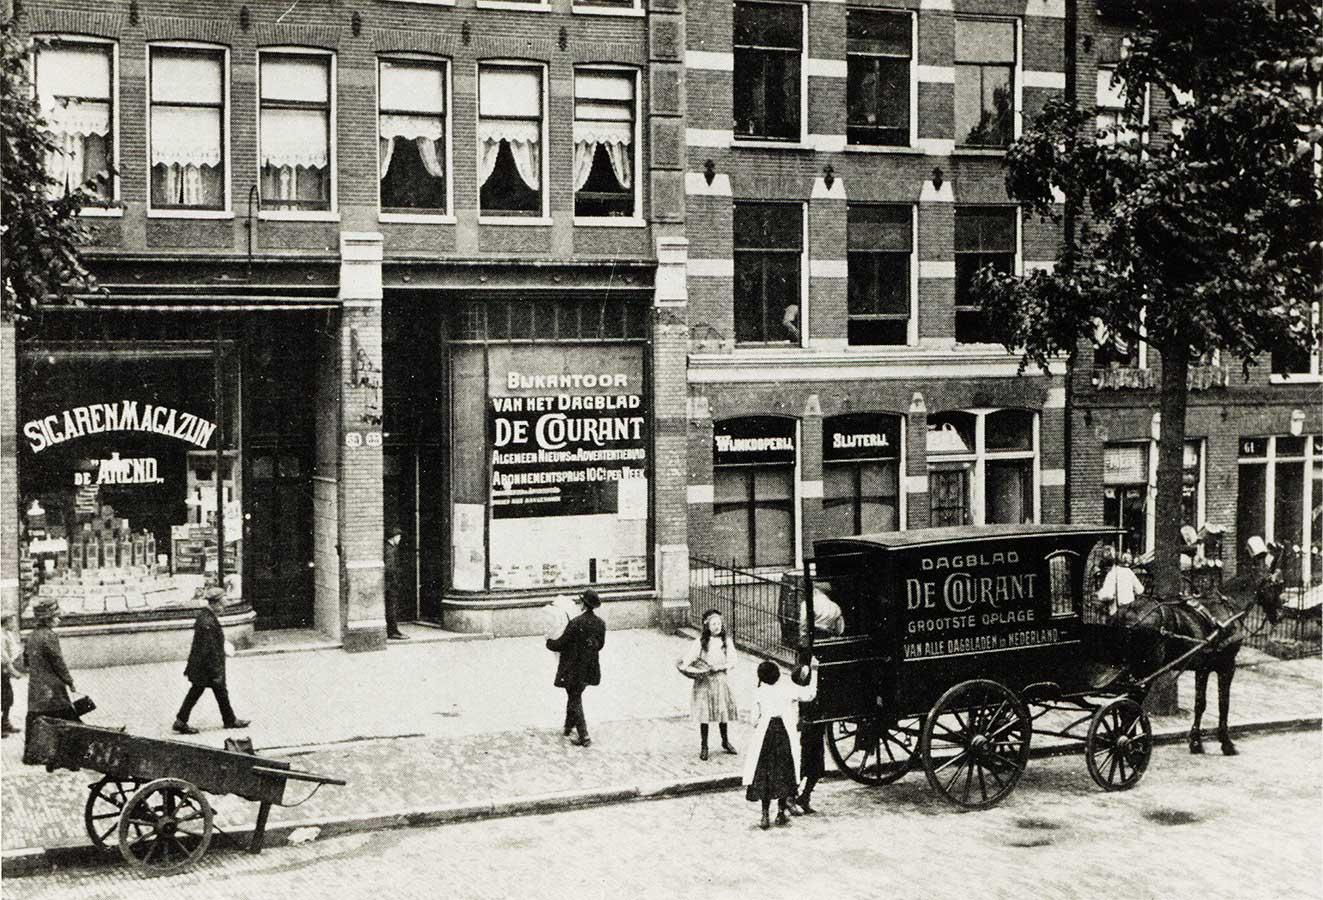 Oude foto Commelinstraat met koets voor de deur van bijkantoor De Courant, links sigarenmagazijn